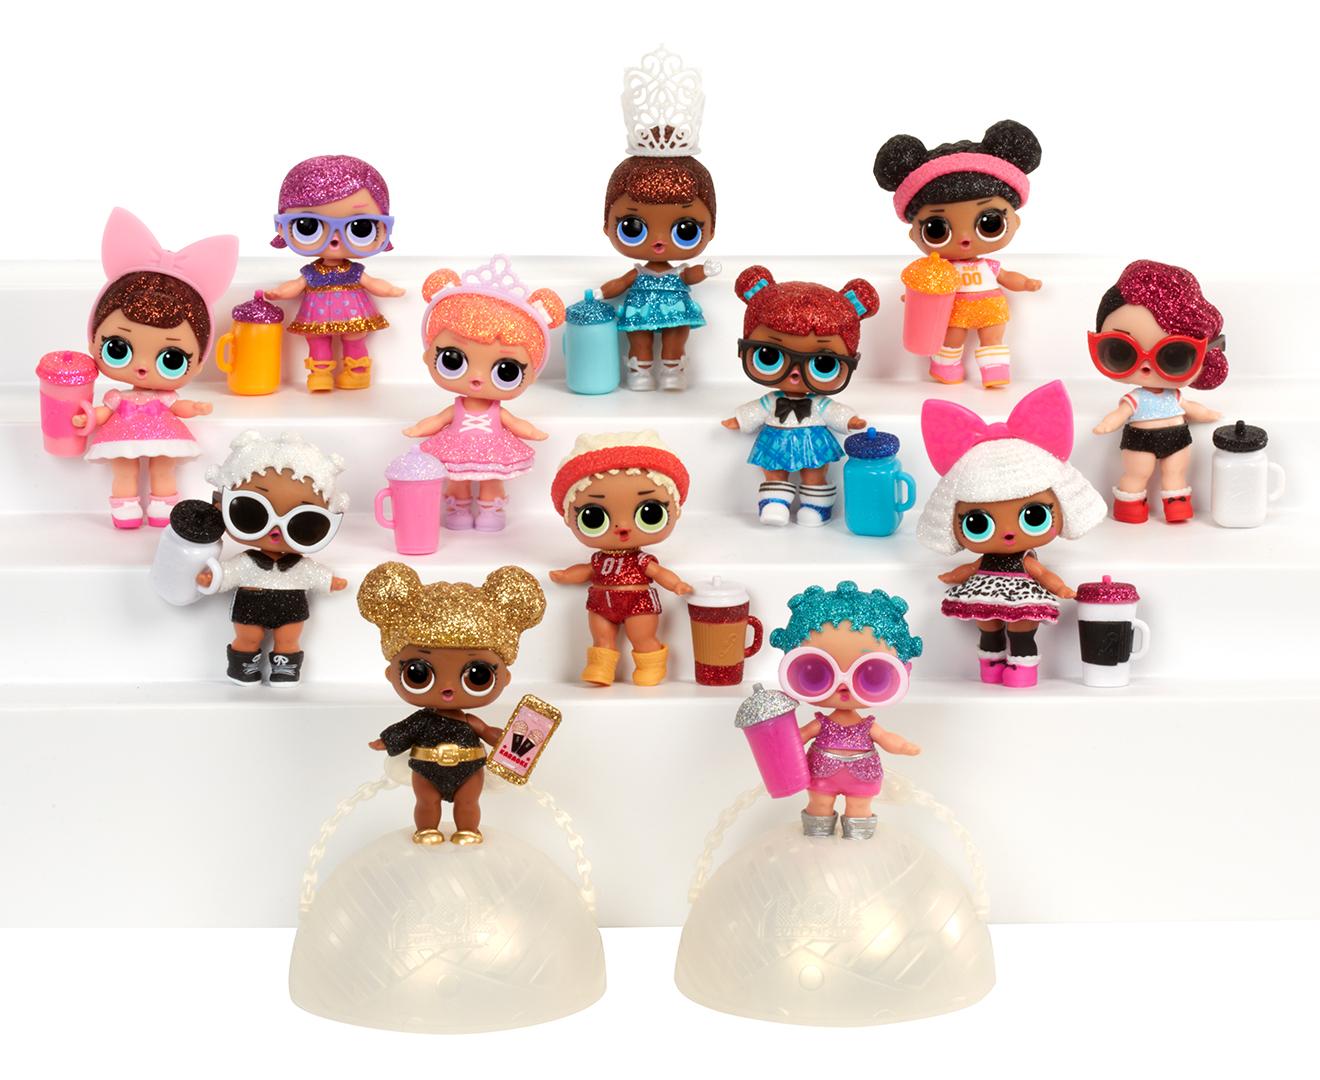 картинки игрушечных кукол лол березин знаменитый диктор